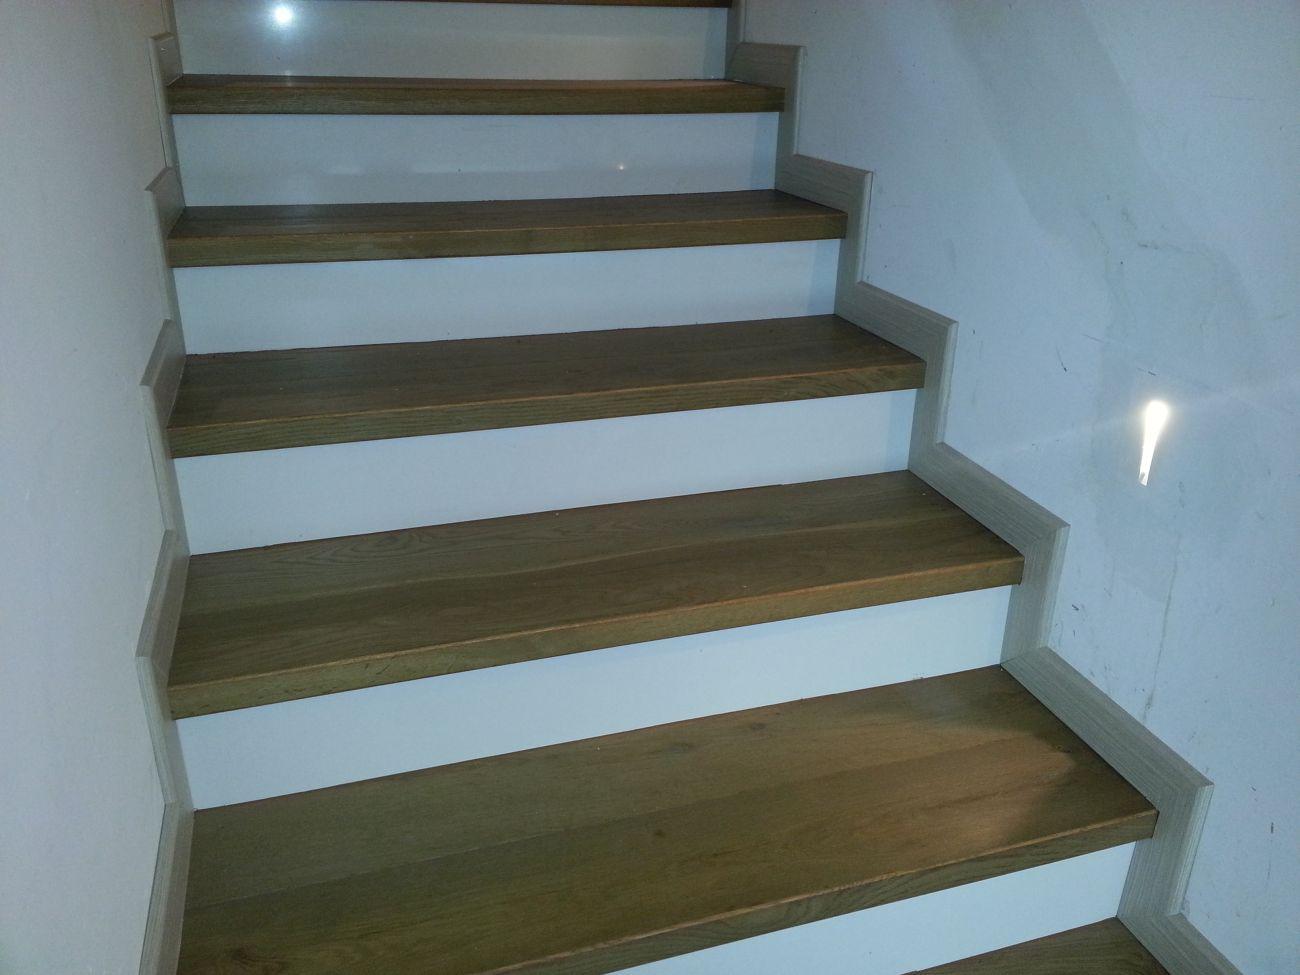 Piastrelle scale interne scale per interni in legno scale - Legno per scale ...